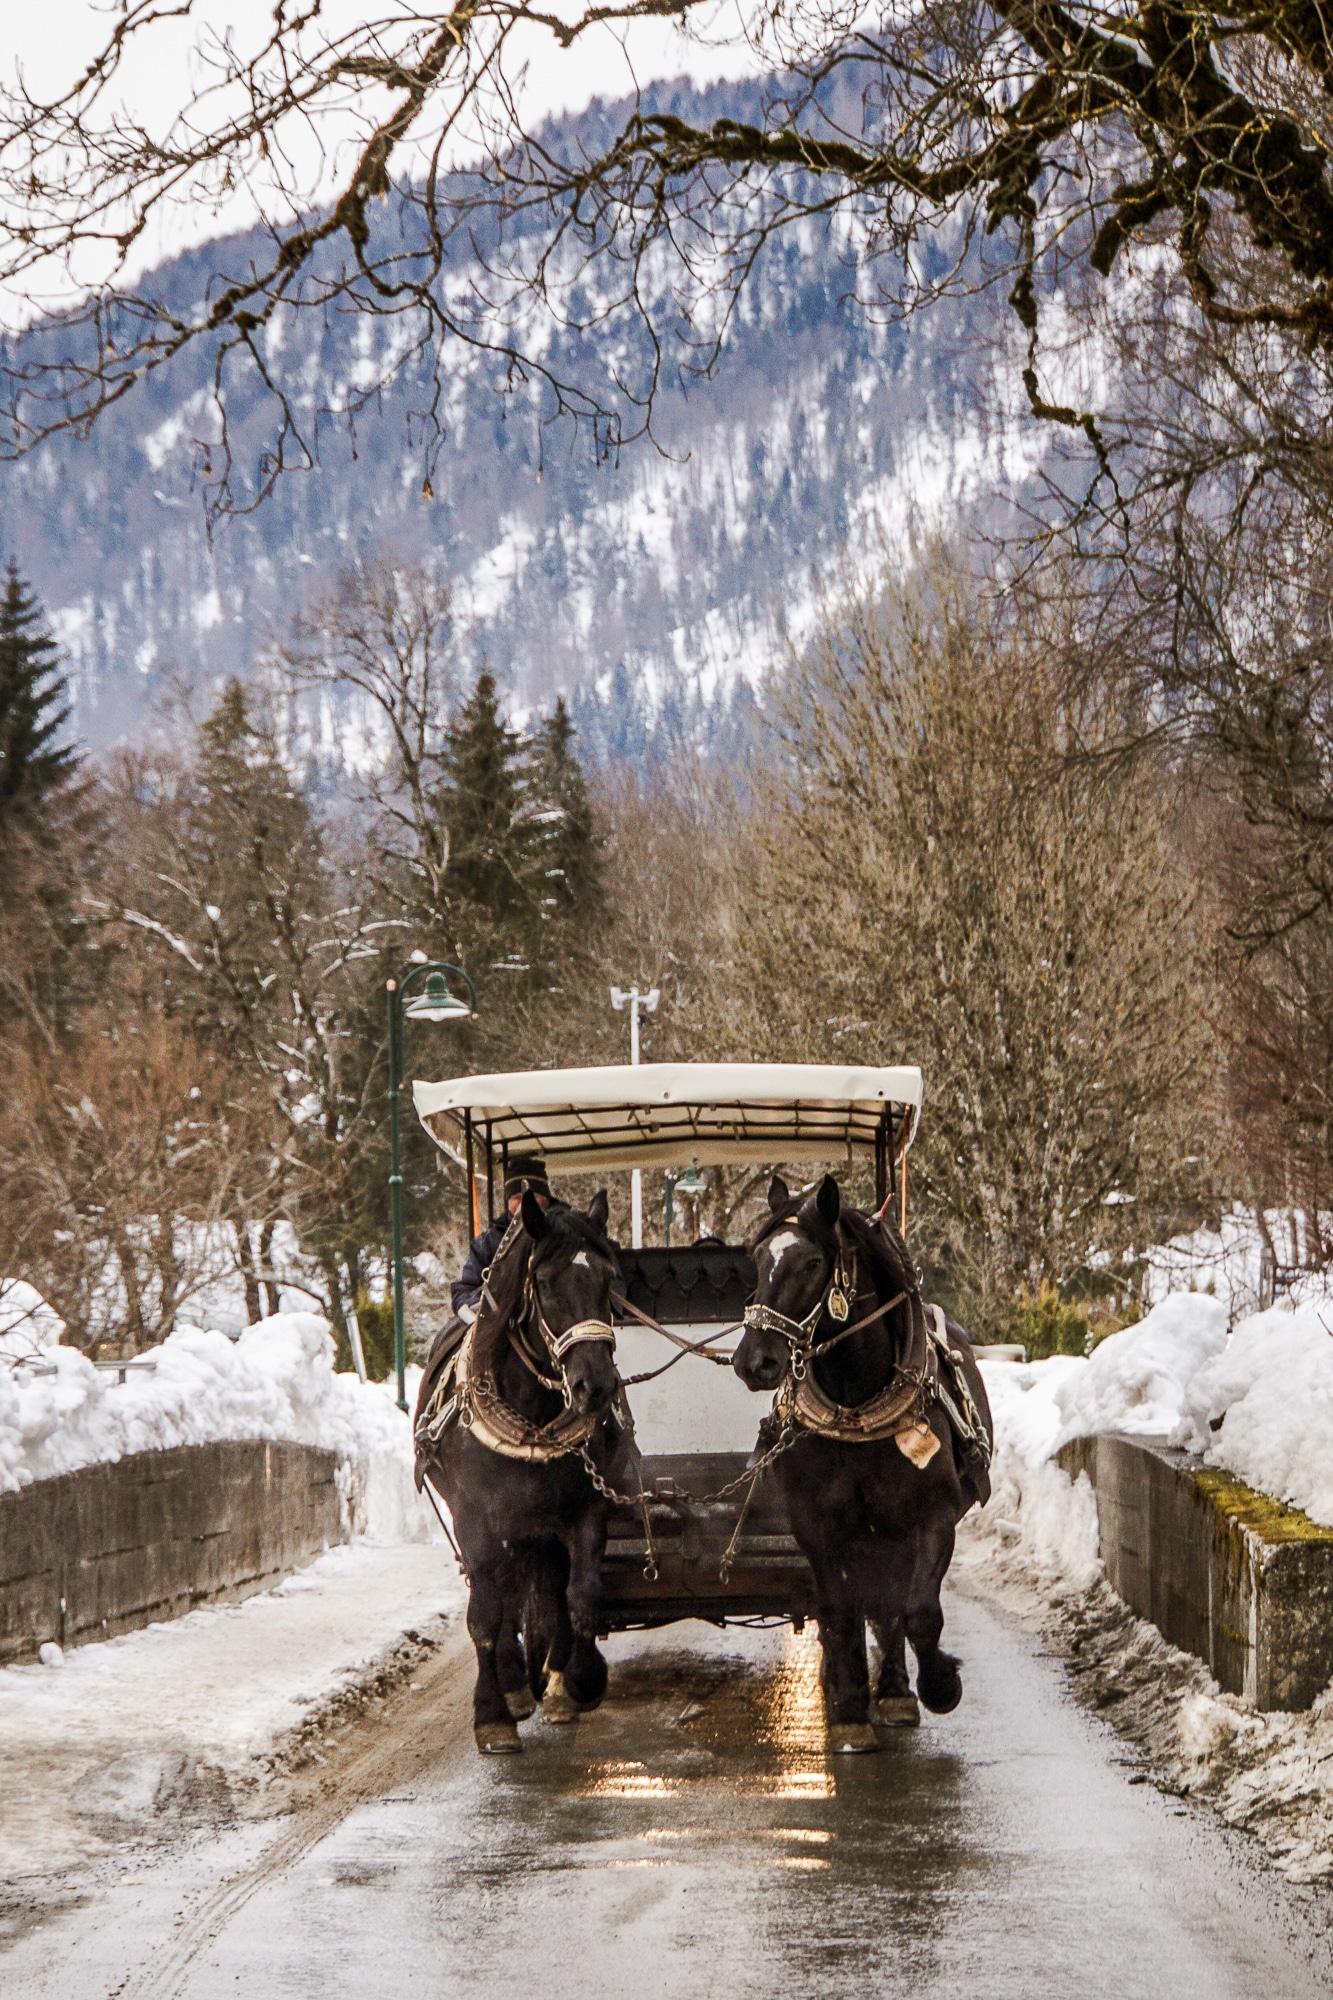 Kaiserwinkl Skiurlaub: Tipps zum Skifahren, Langlauf & andere Highlights - Pferdekutsche fahren Kössen